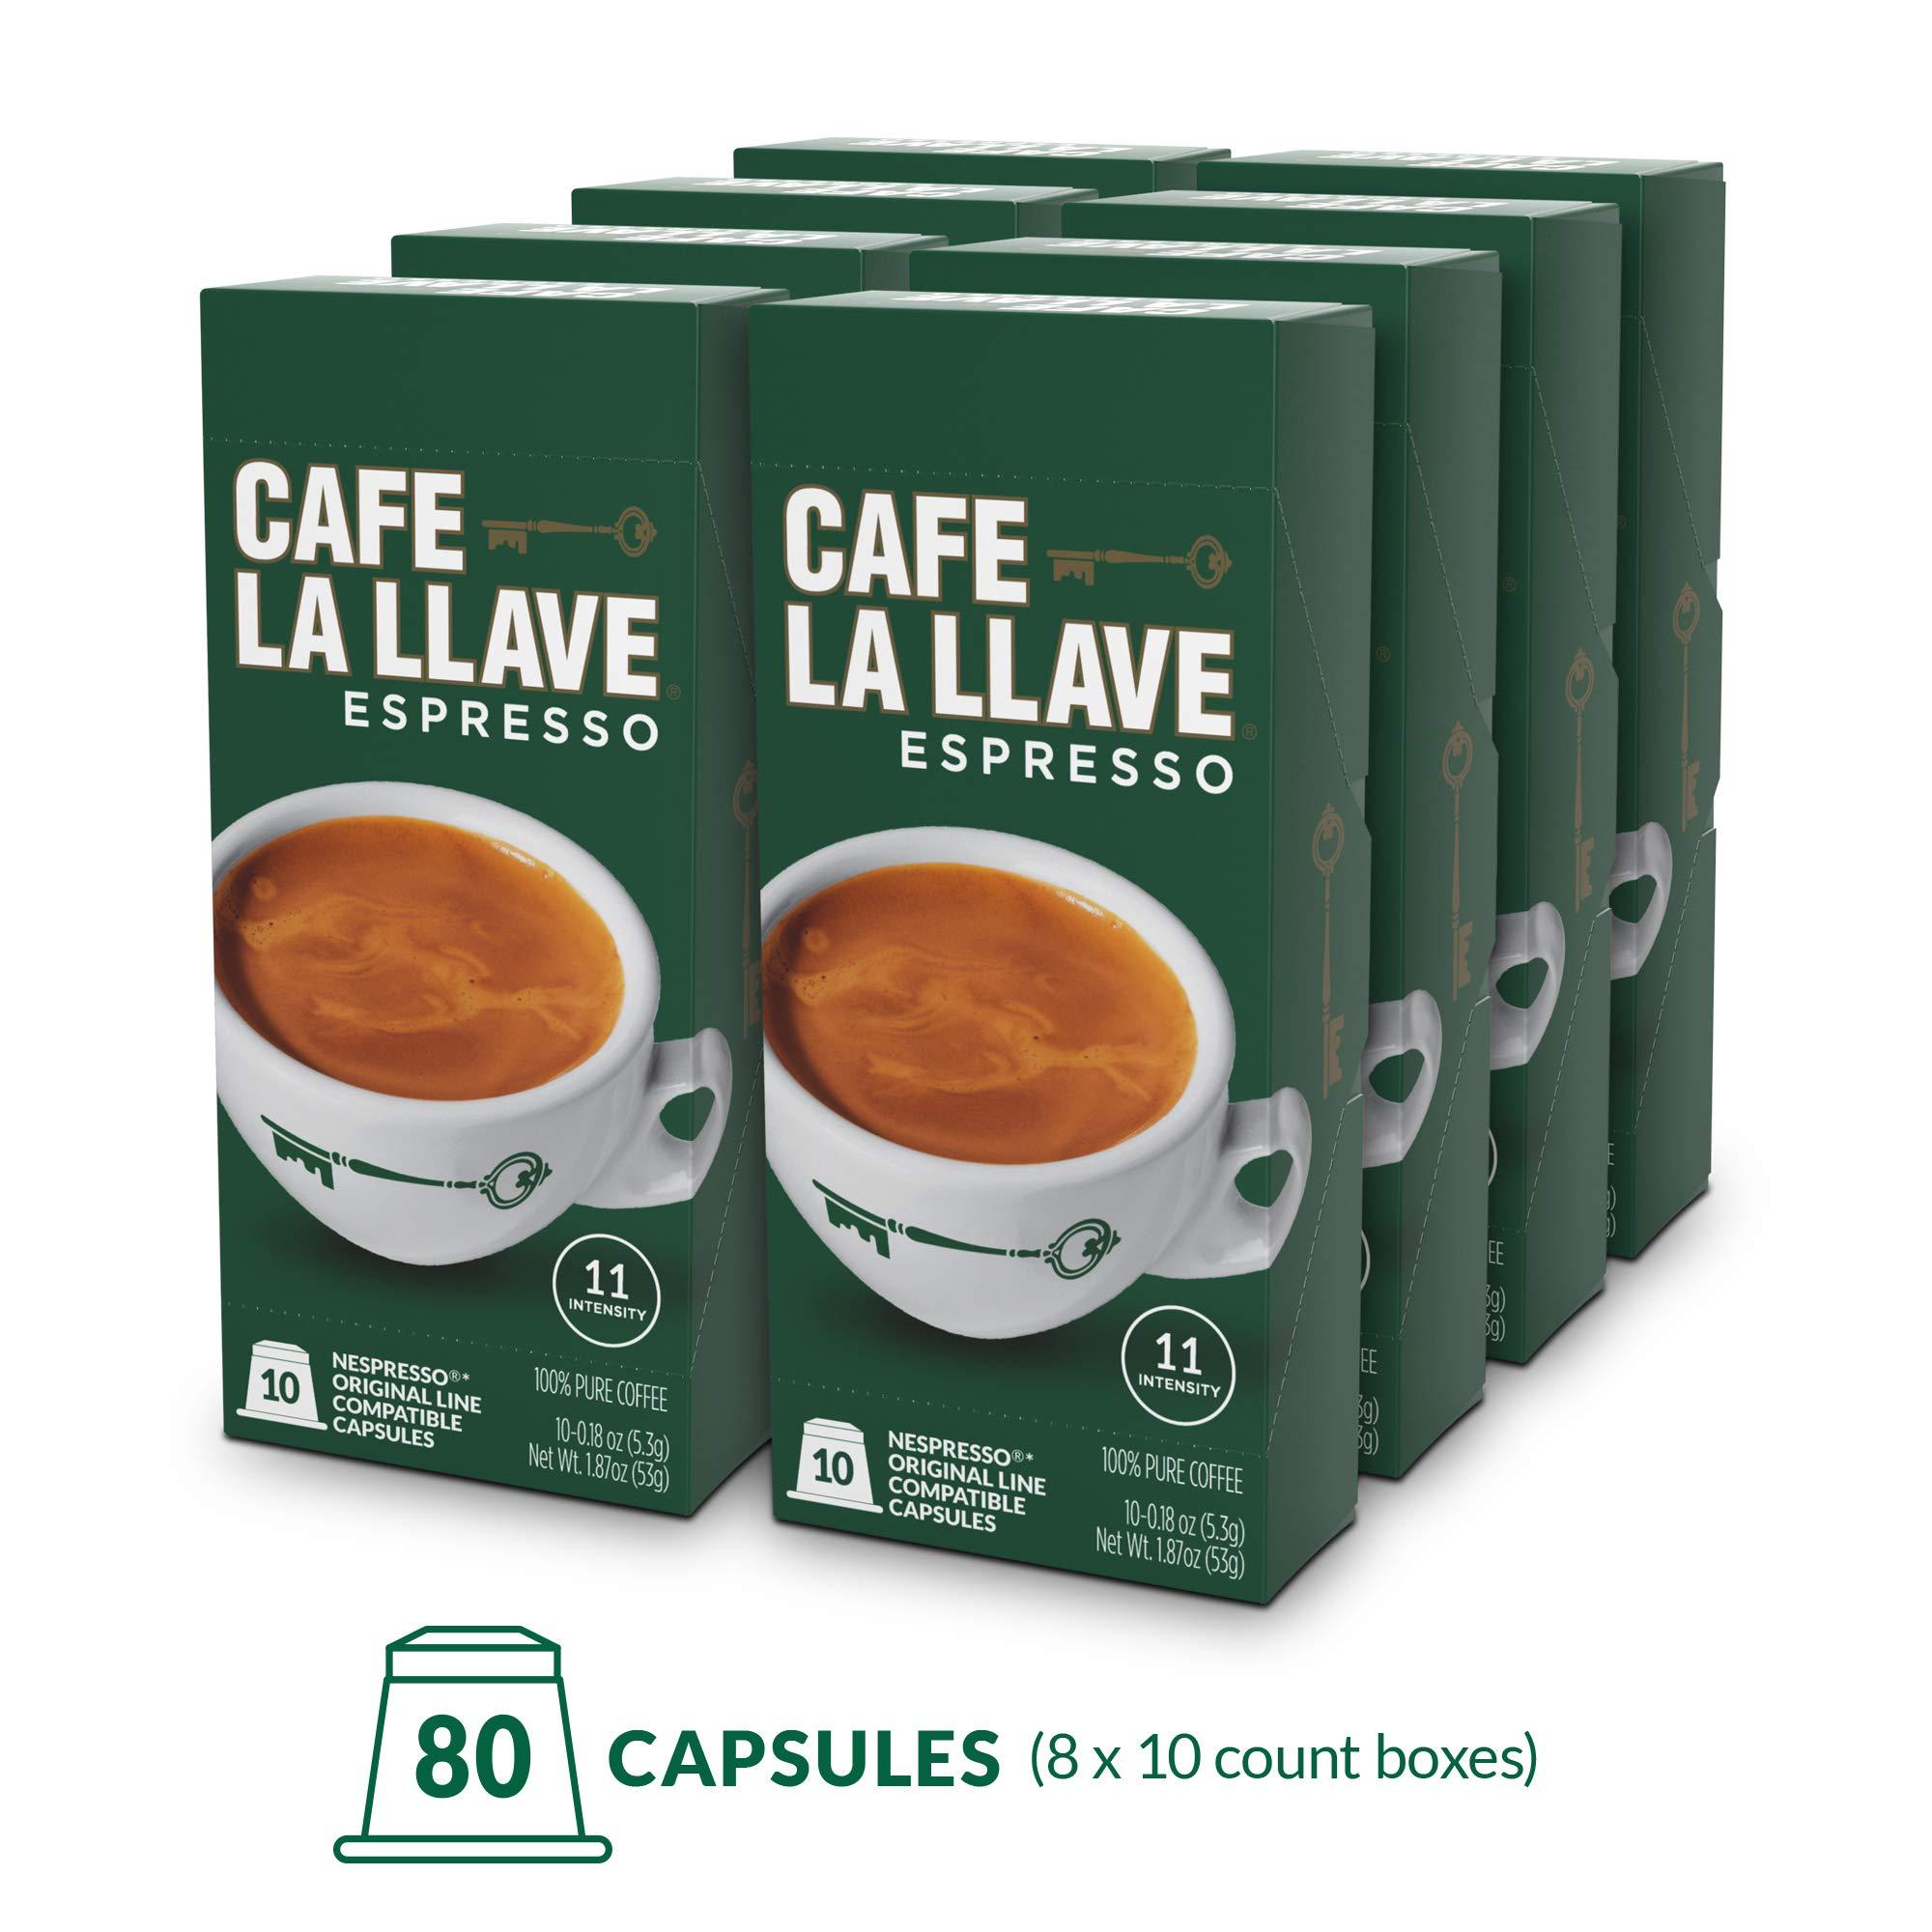 Café La Llave Espresso Capsules, Intensity 11 (80 Pods) Compatible with Nespresso OriginalLine Machines, Single Cup Coffee by Cafe La Llave